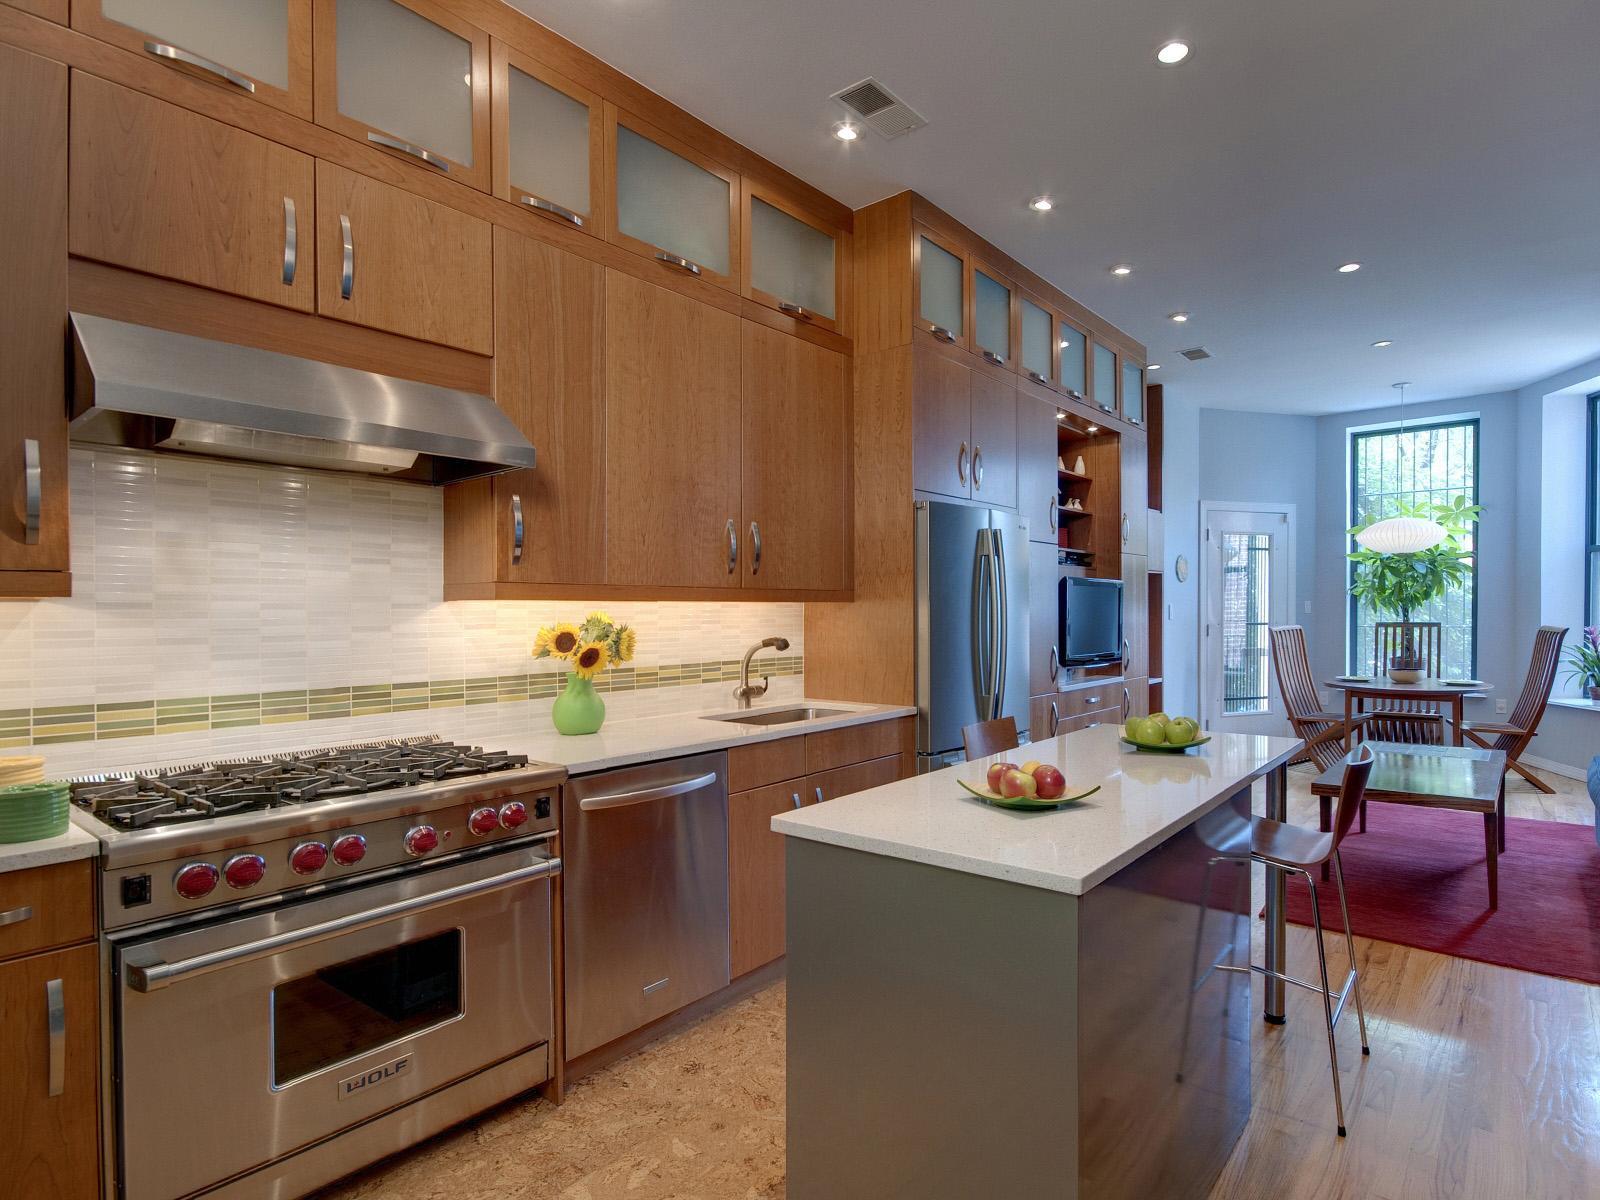 тому кухонная мебель по правилам фен шуй фото послужила также